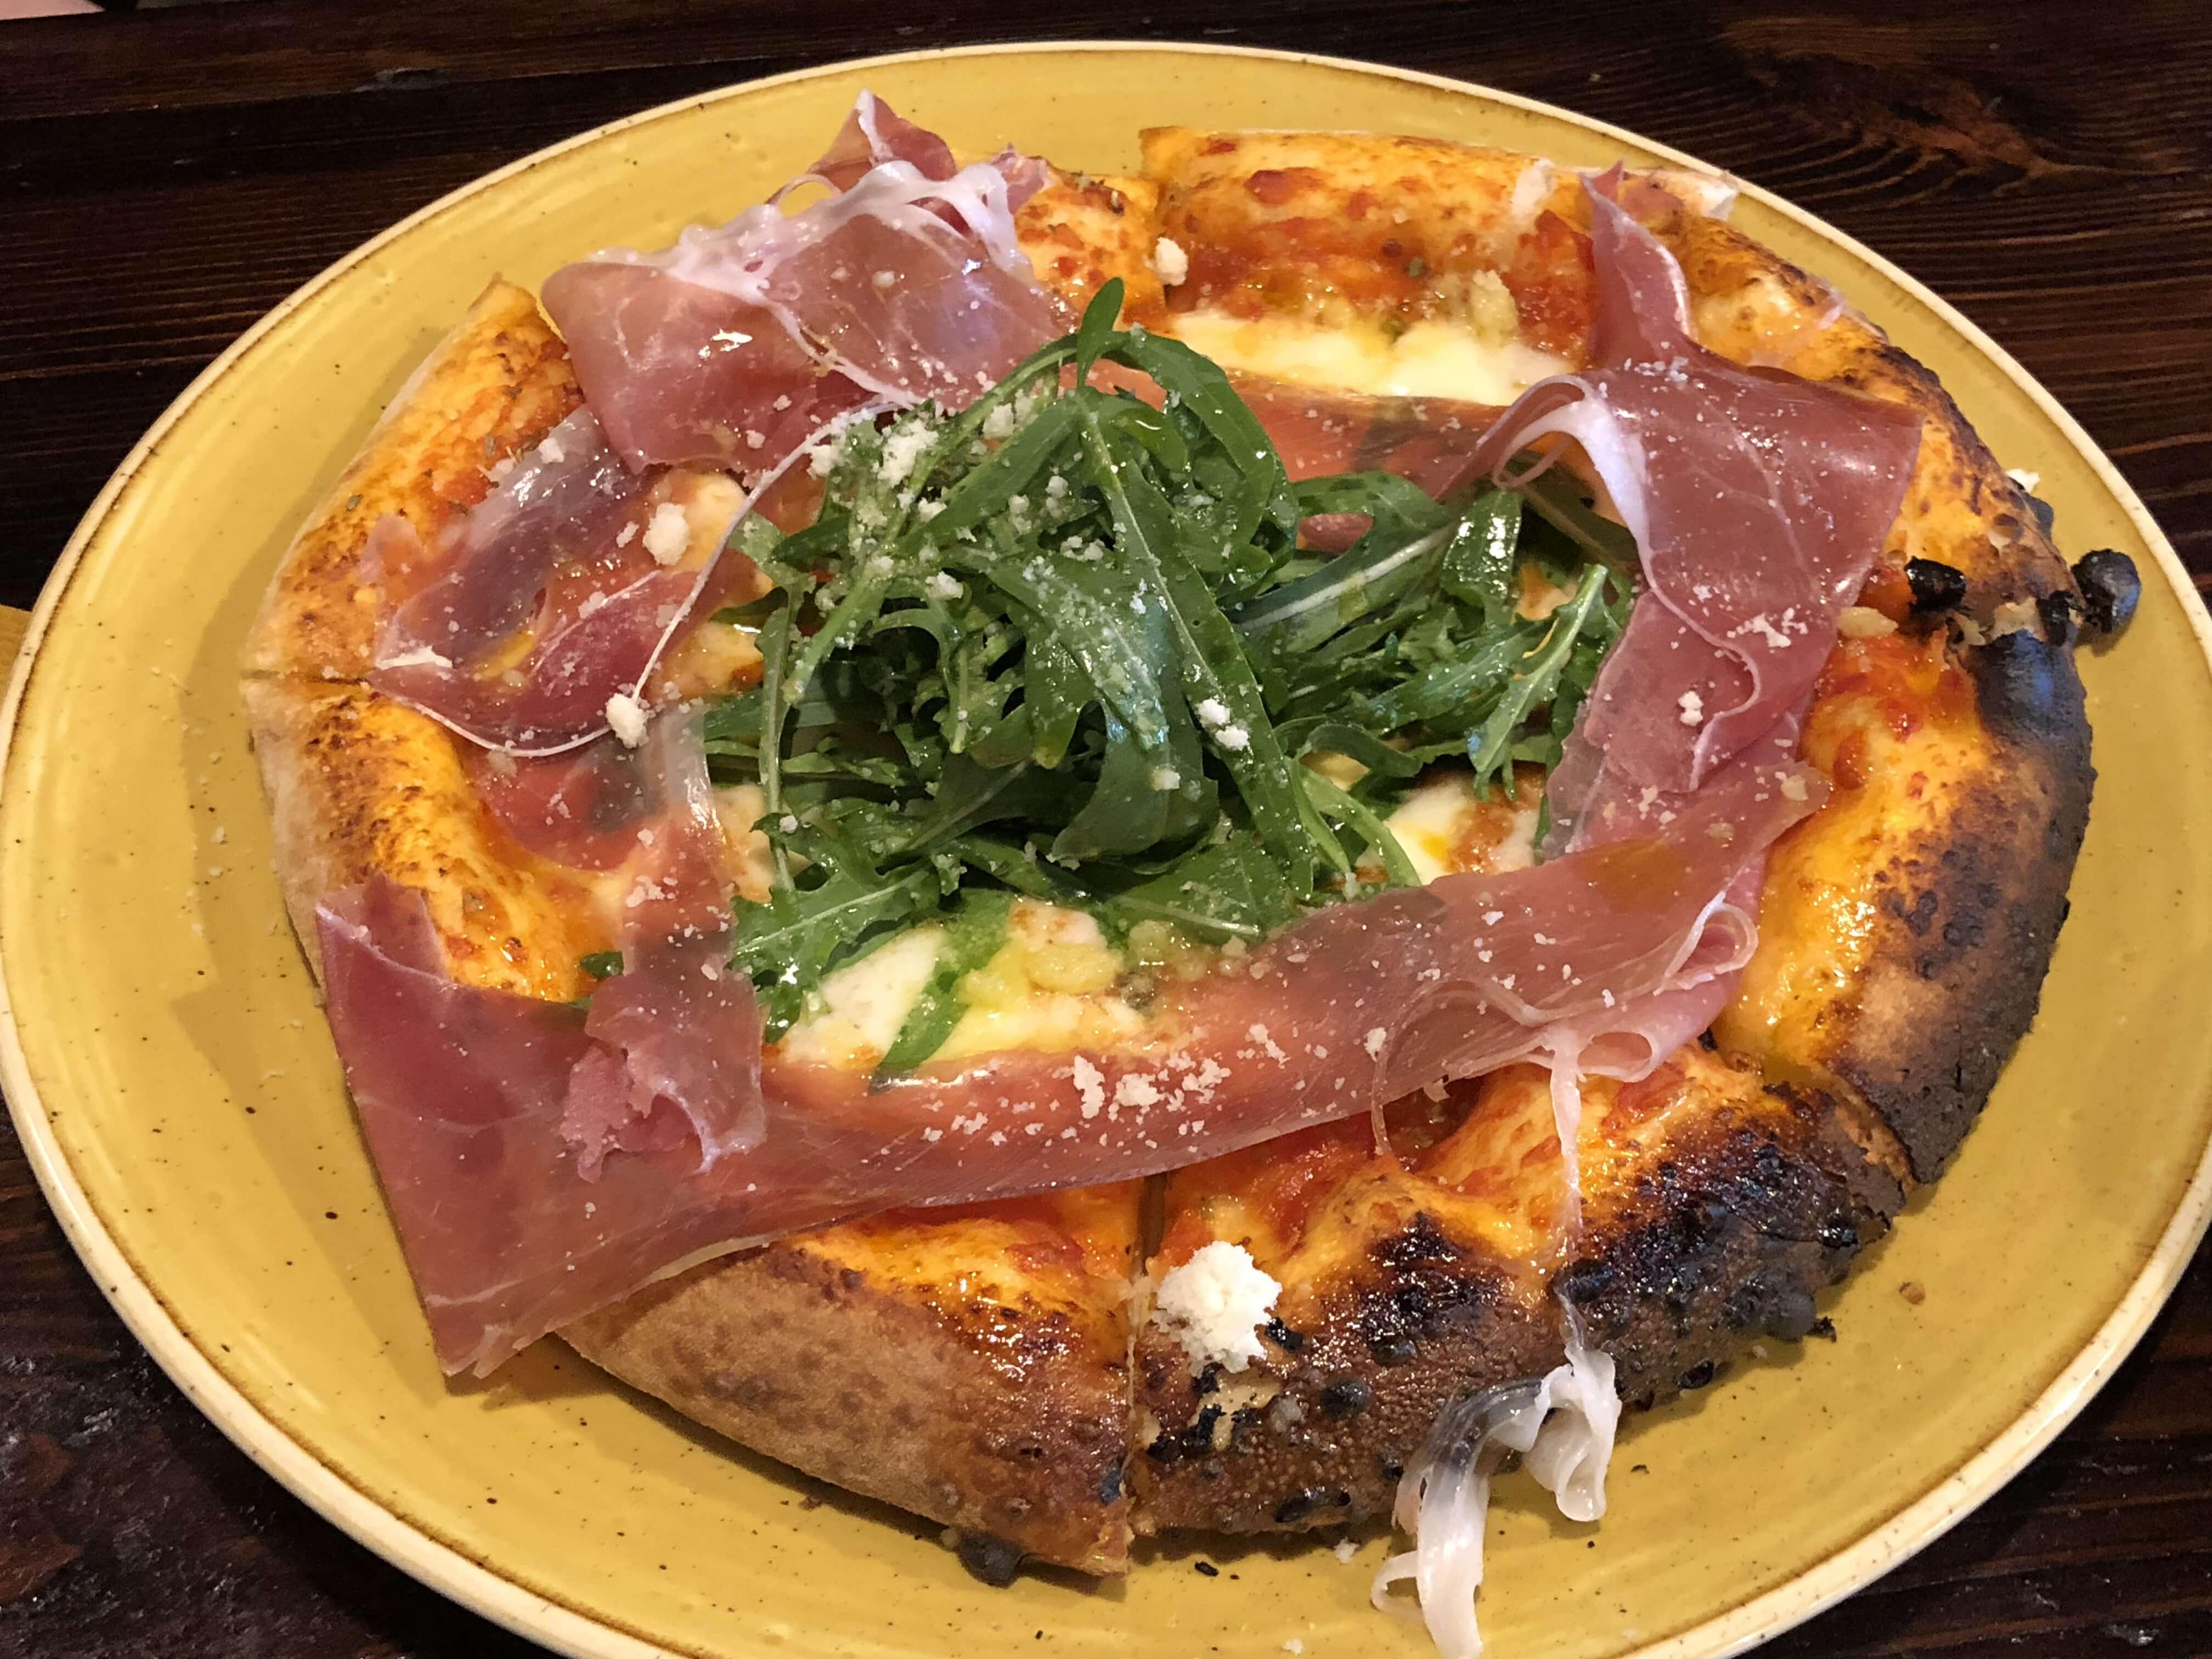 『 ピッツァ ブッダ ゴリラ 』石窯で焼きがえるこだわりのピザを食べてきた !!